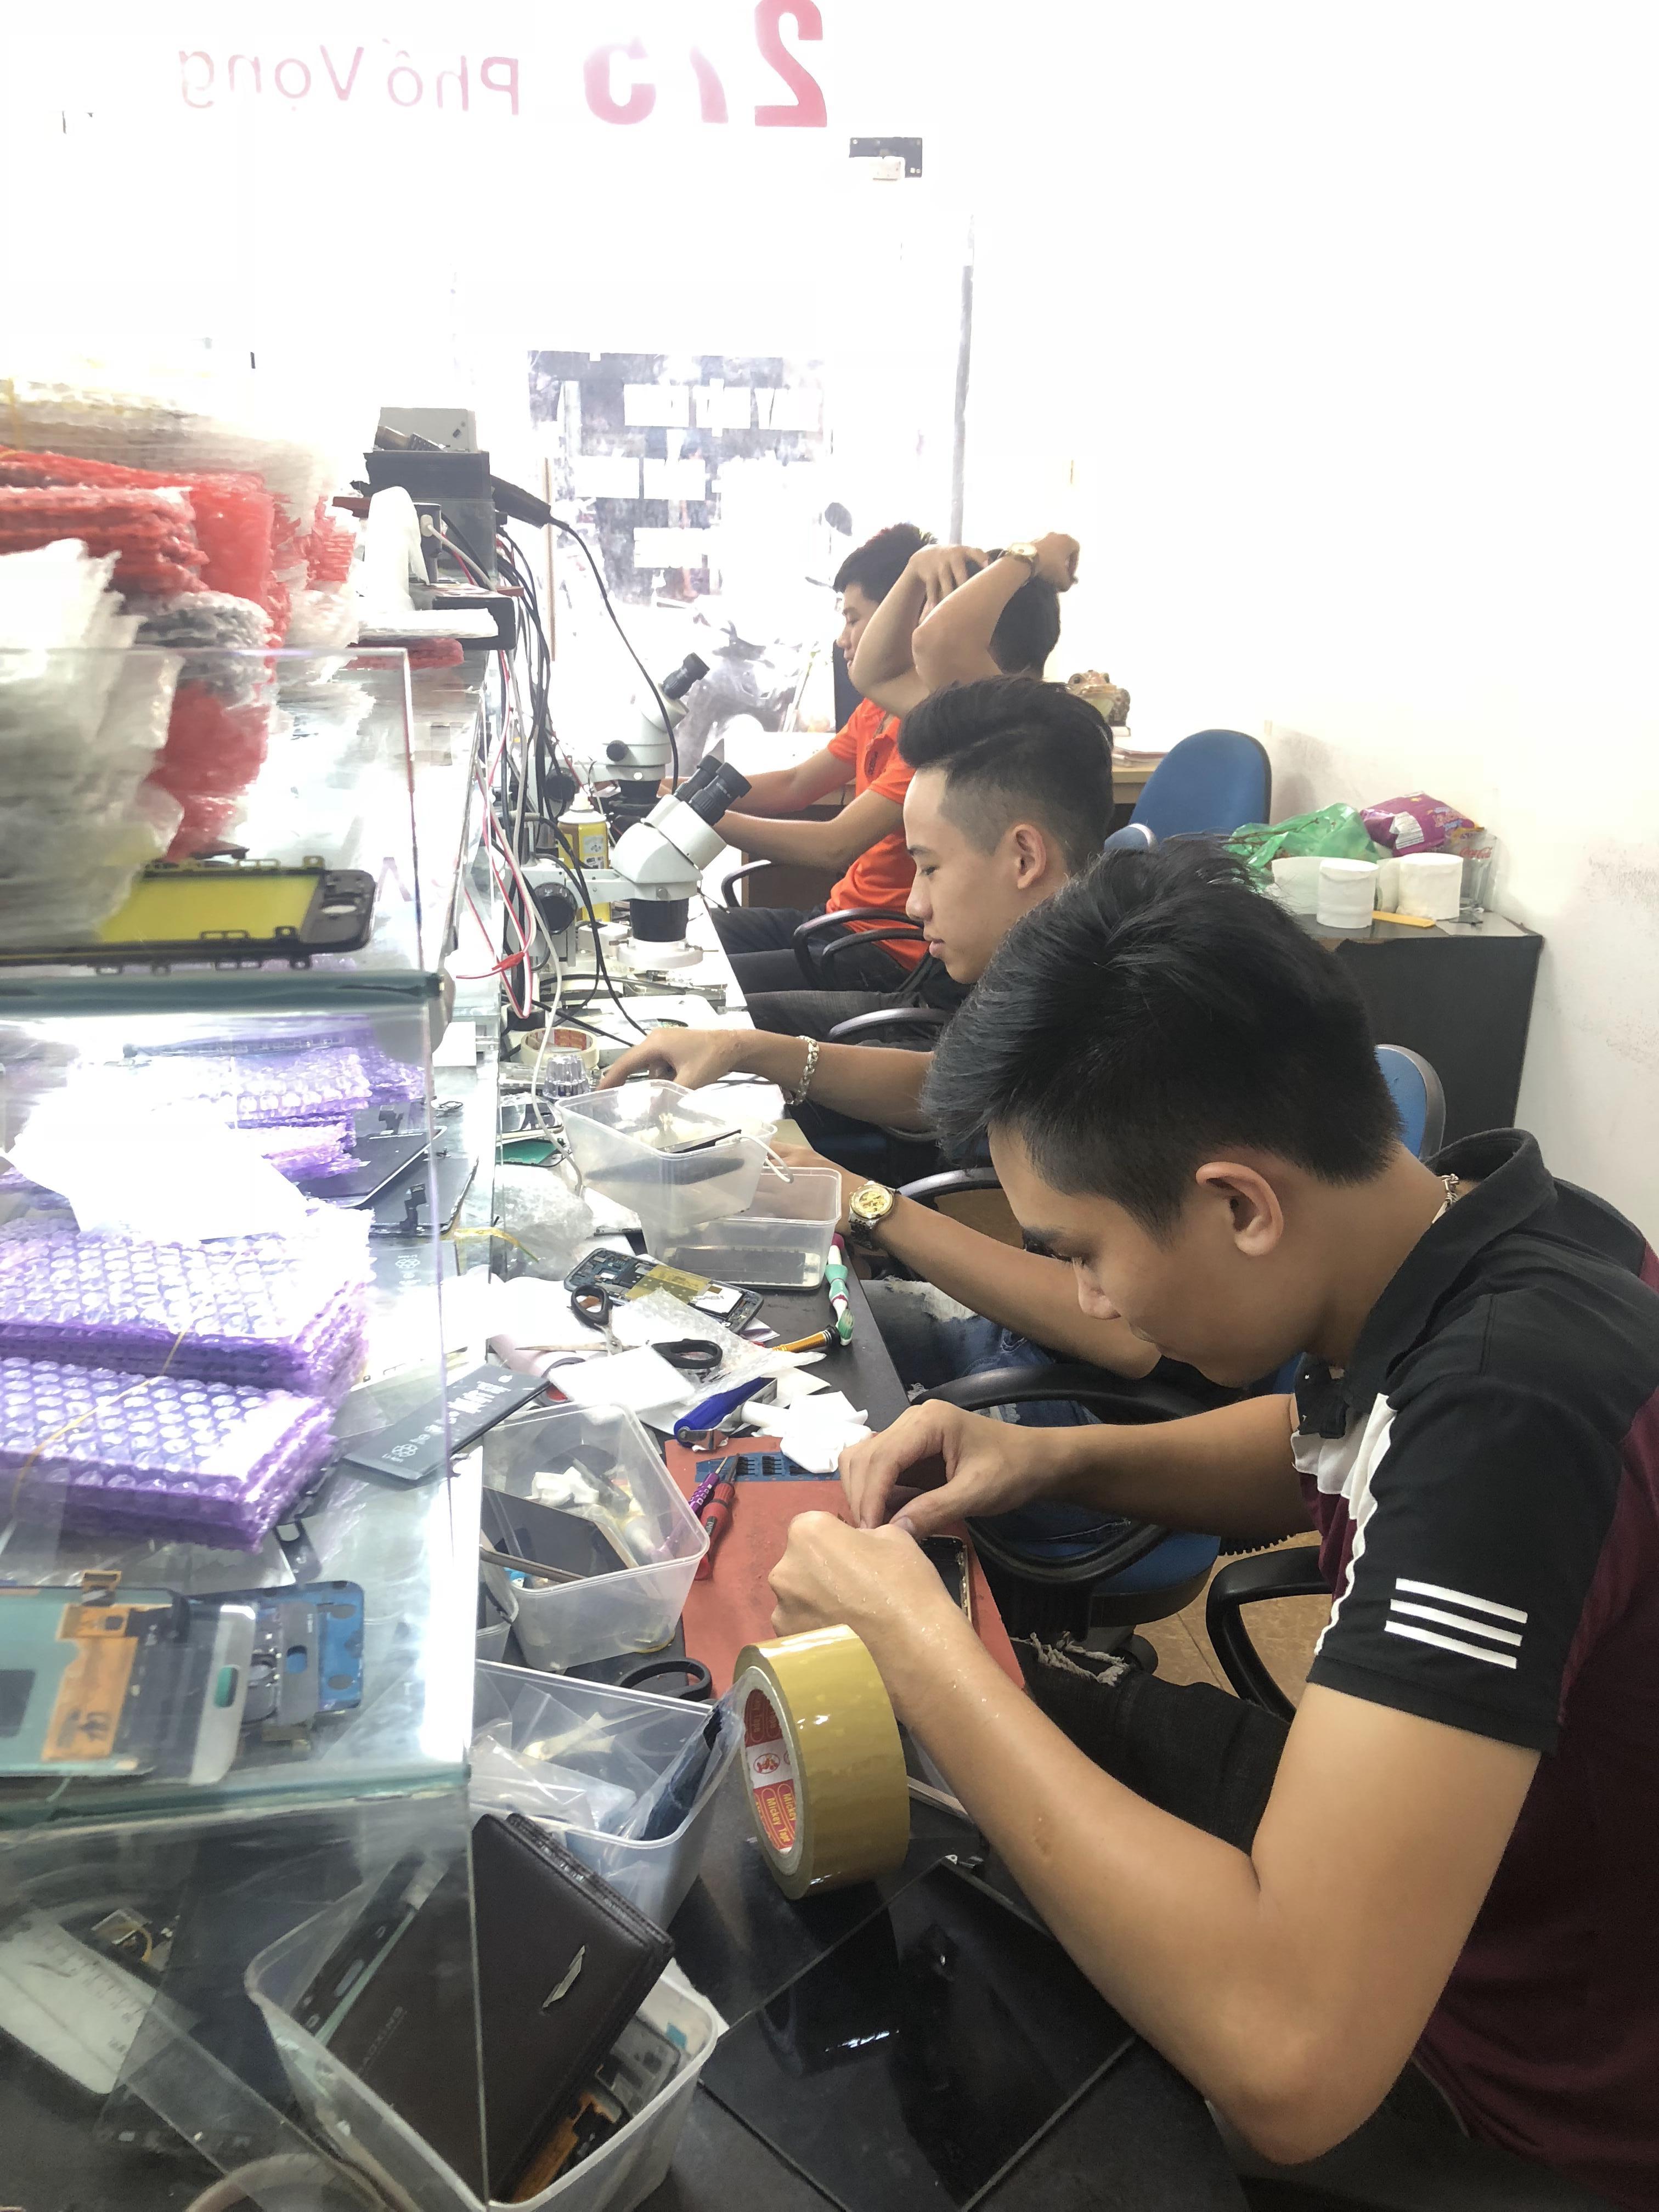 Kỹ thuật viên thay pin điện thoại trực tiếp trước mặt khách hàng.